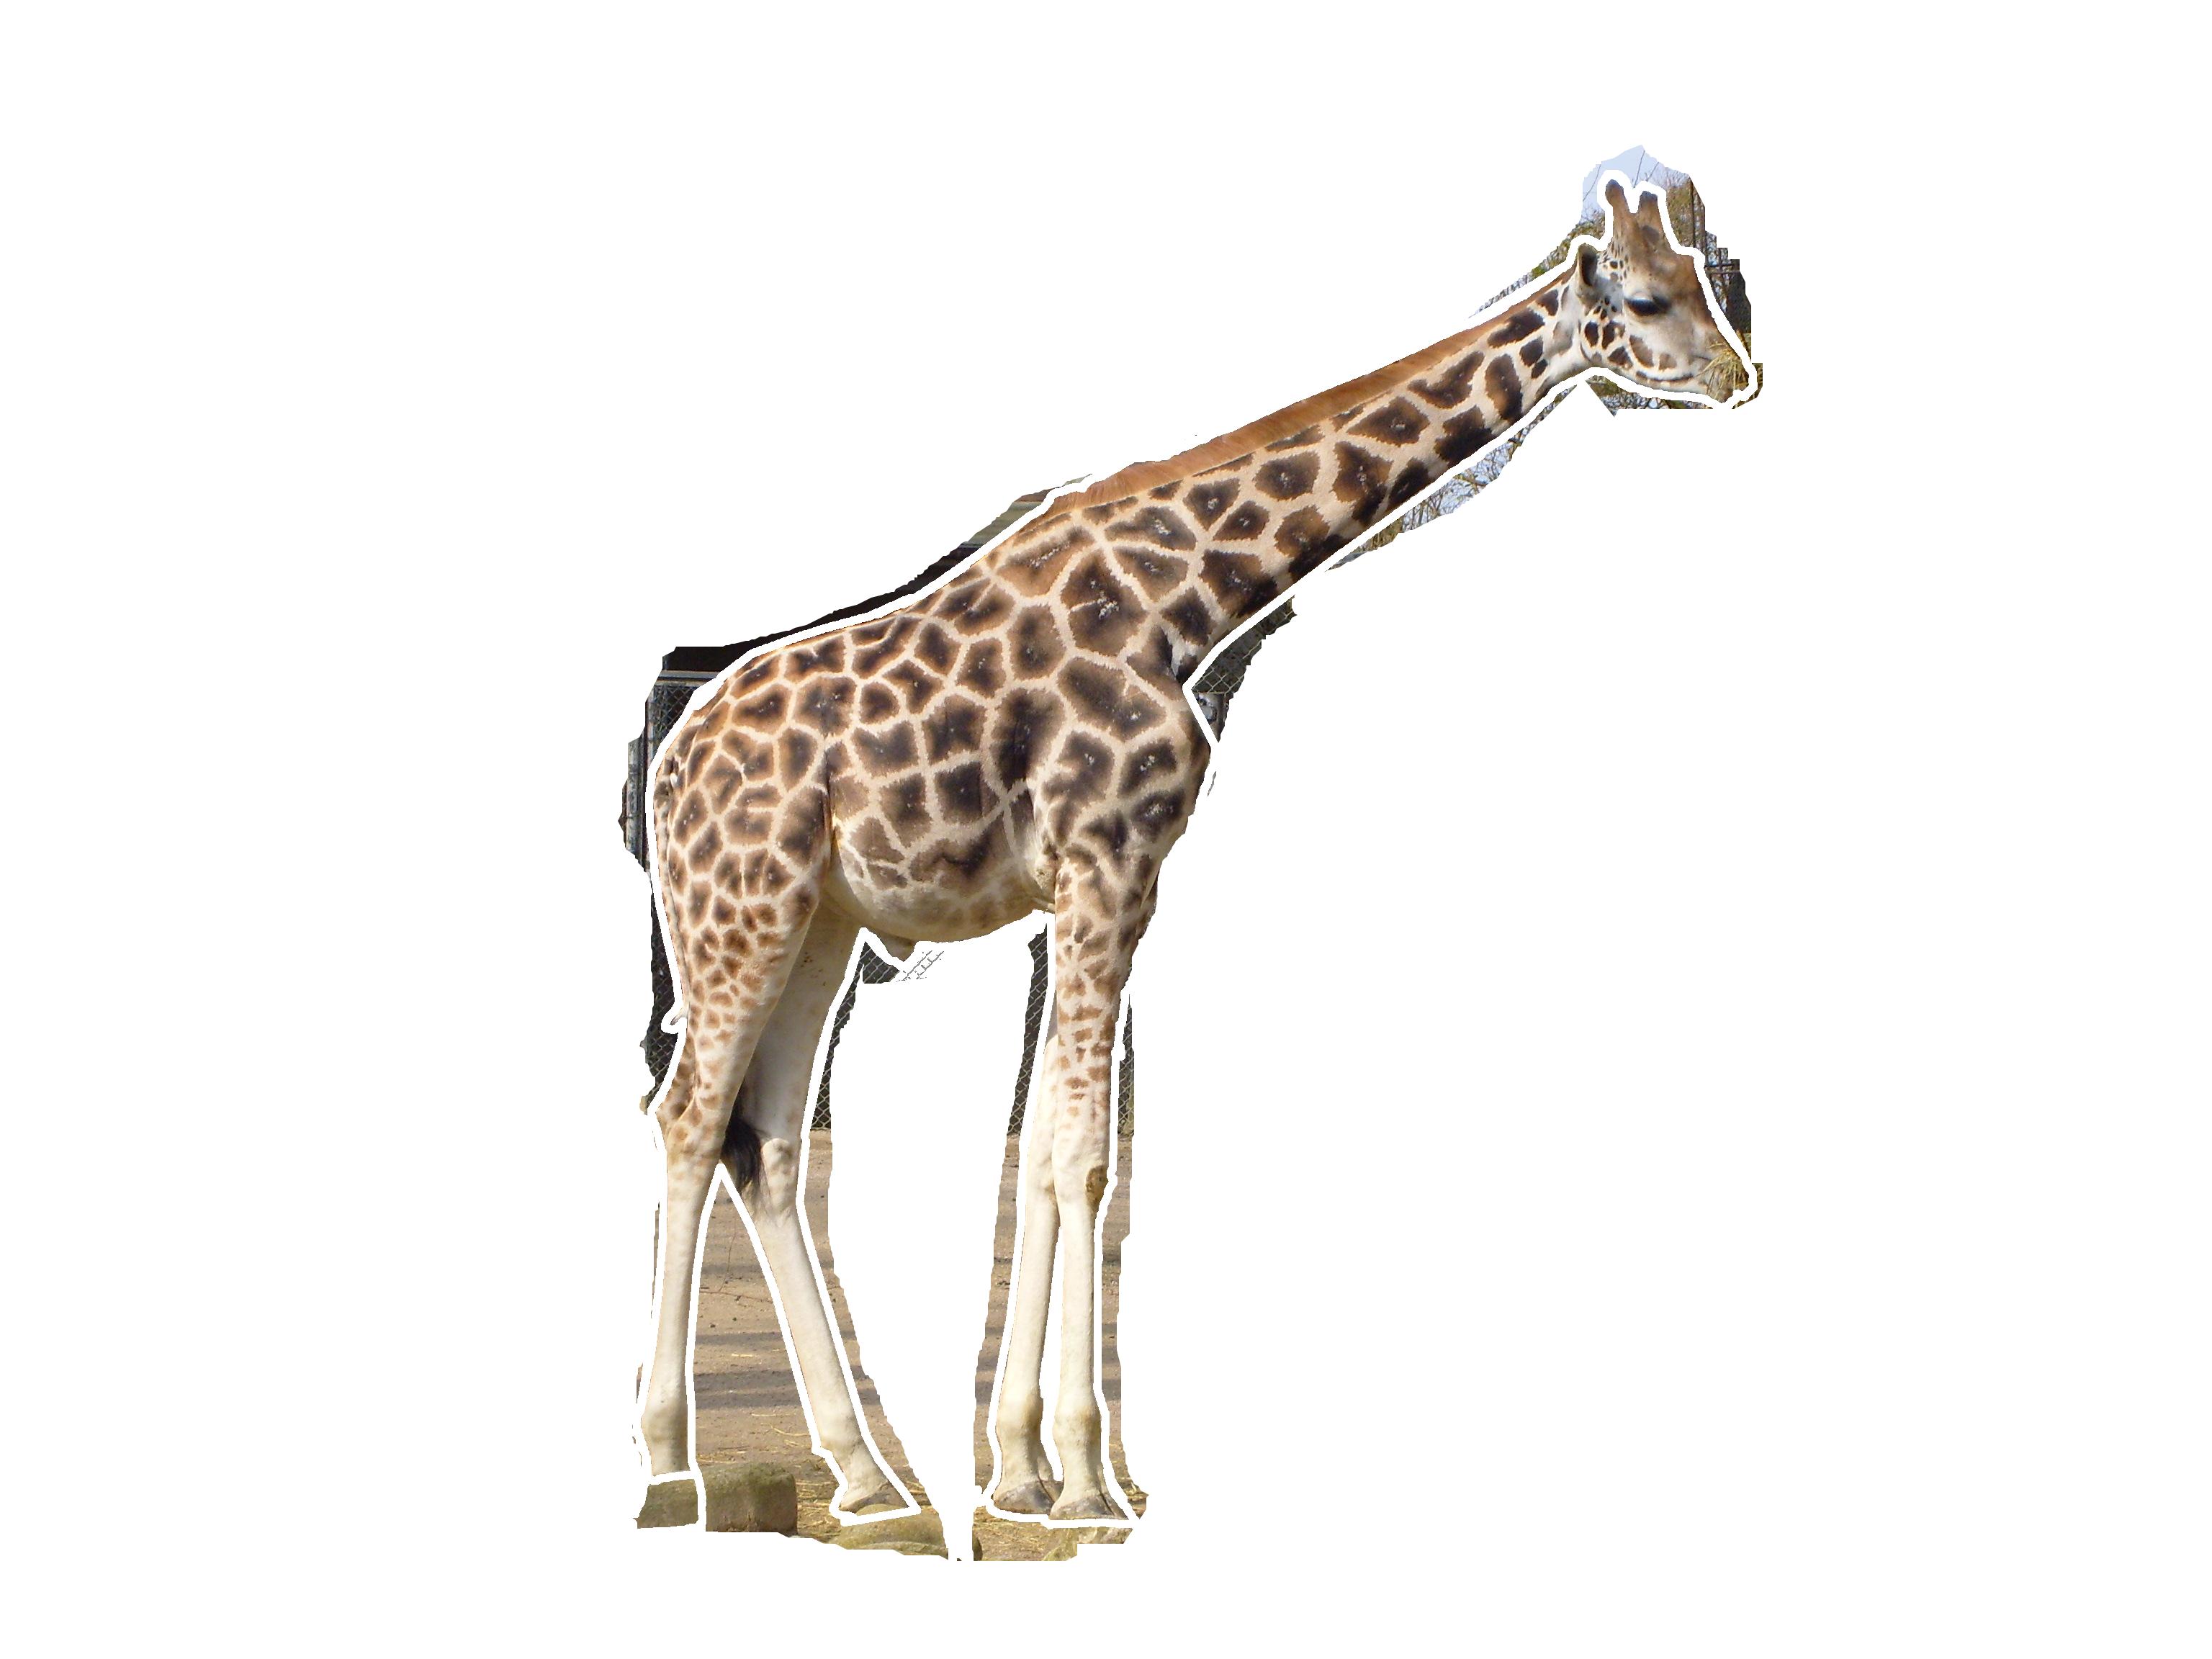 PNG HD Giraffe Transparent HD Giraffe.PNG Images..